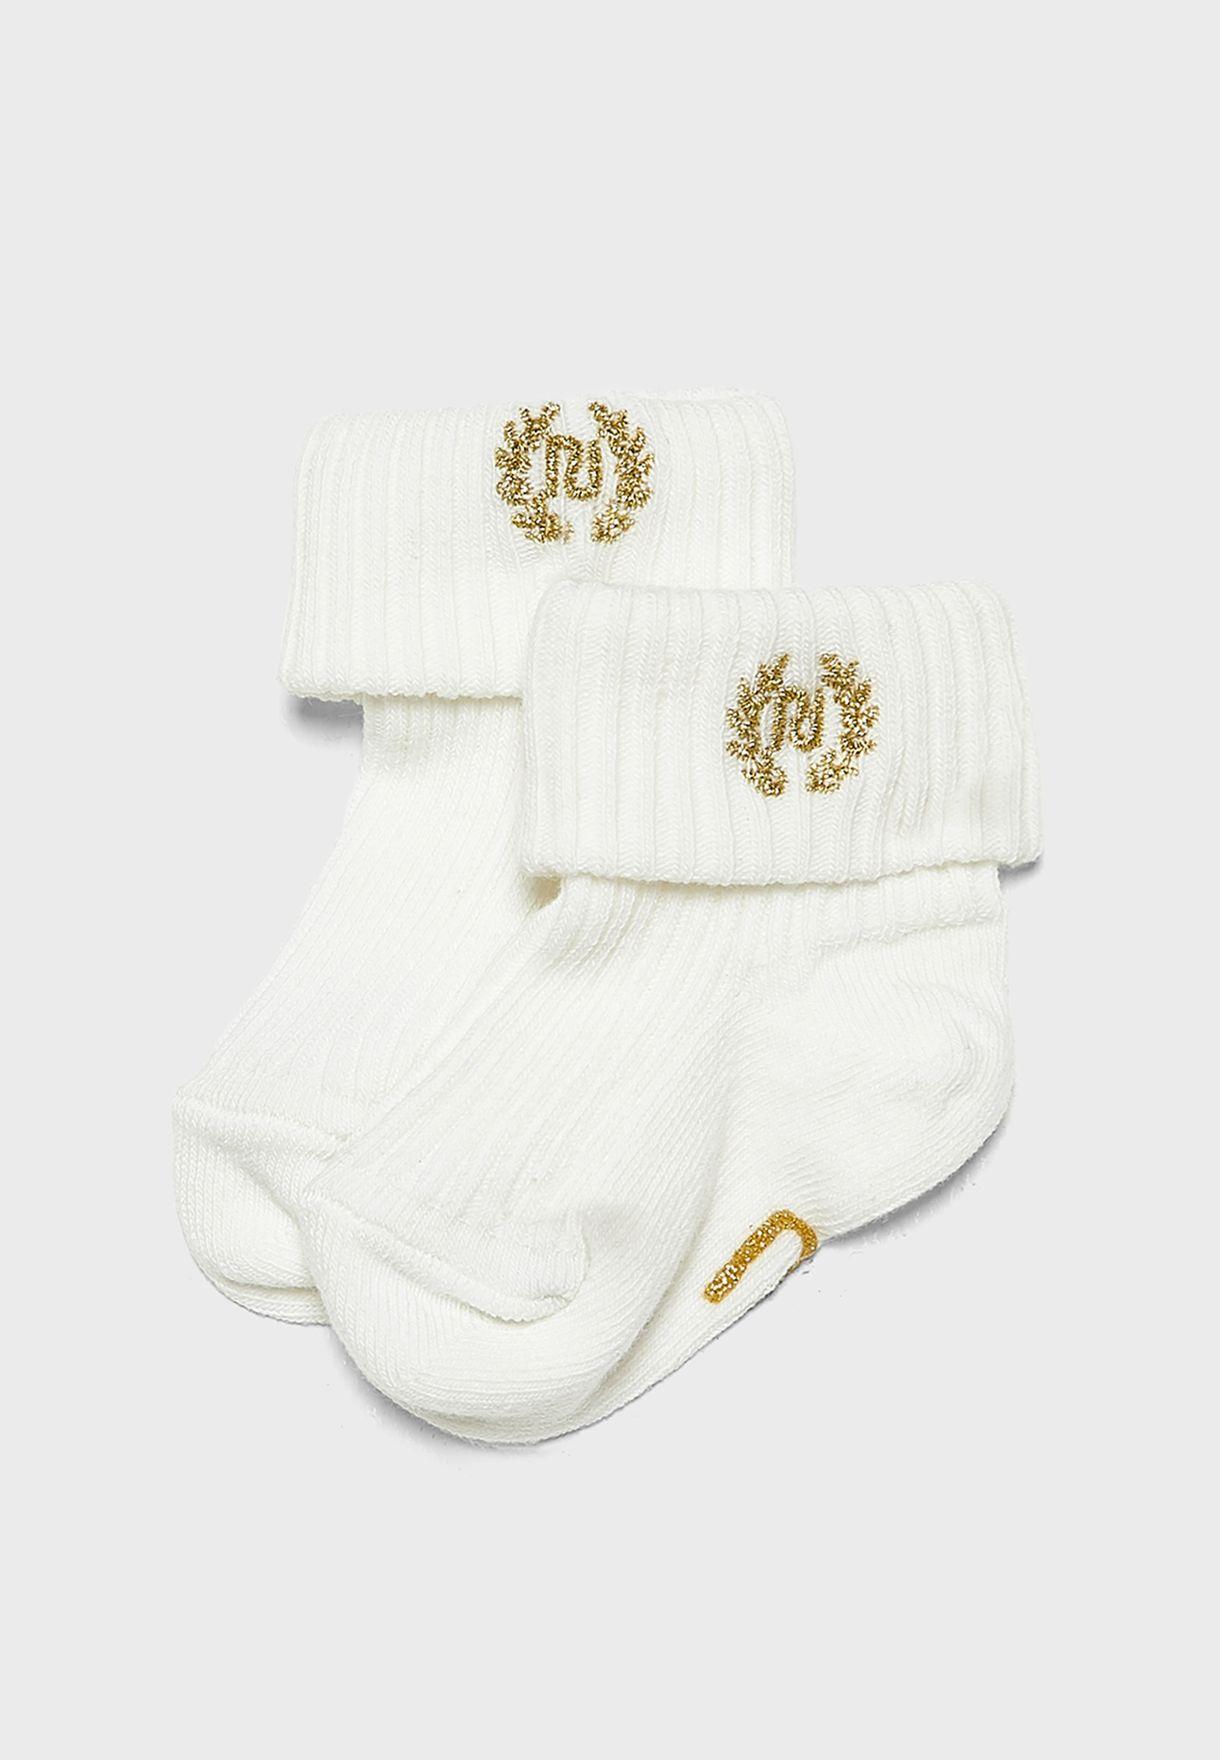 Infant 2 Pack Printed Socks